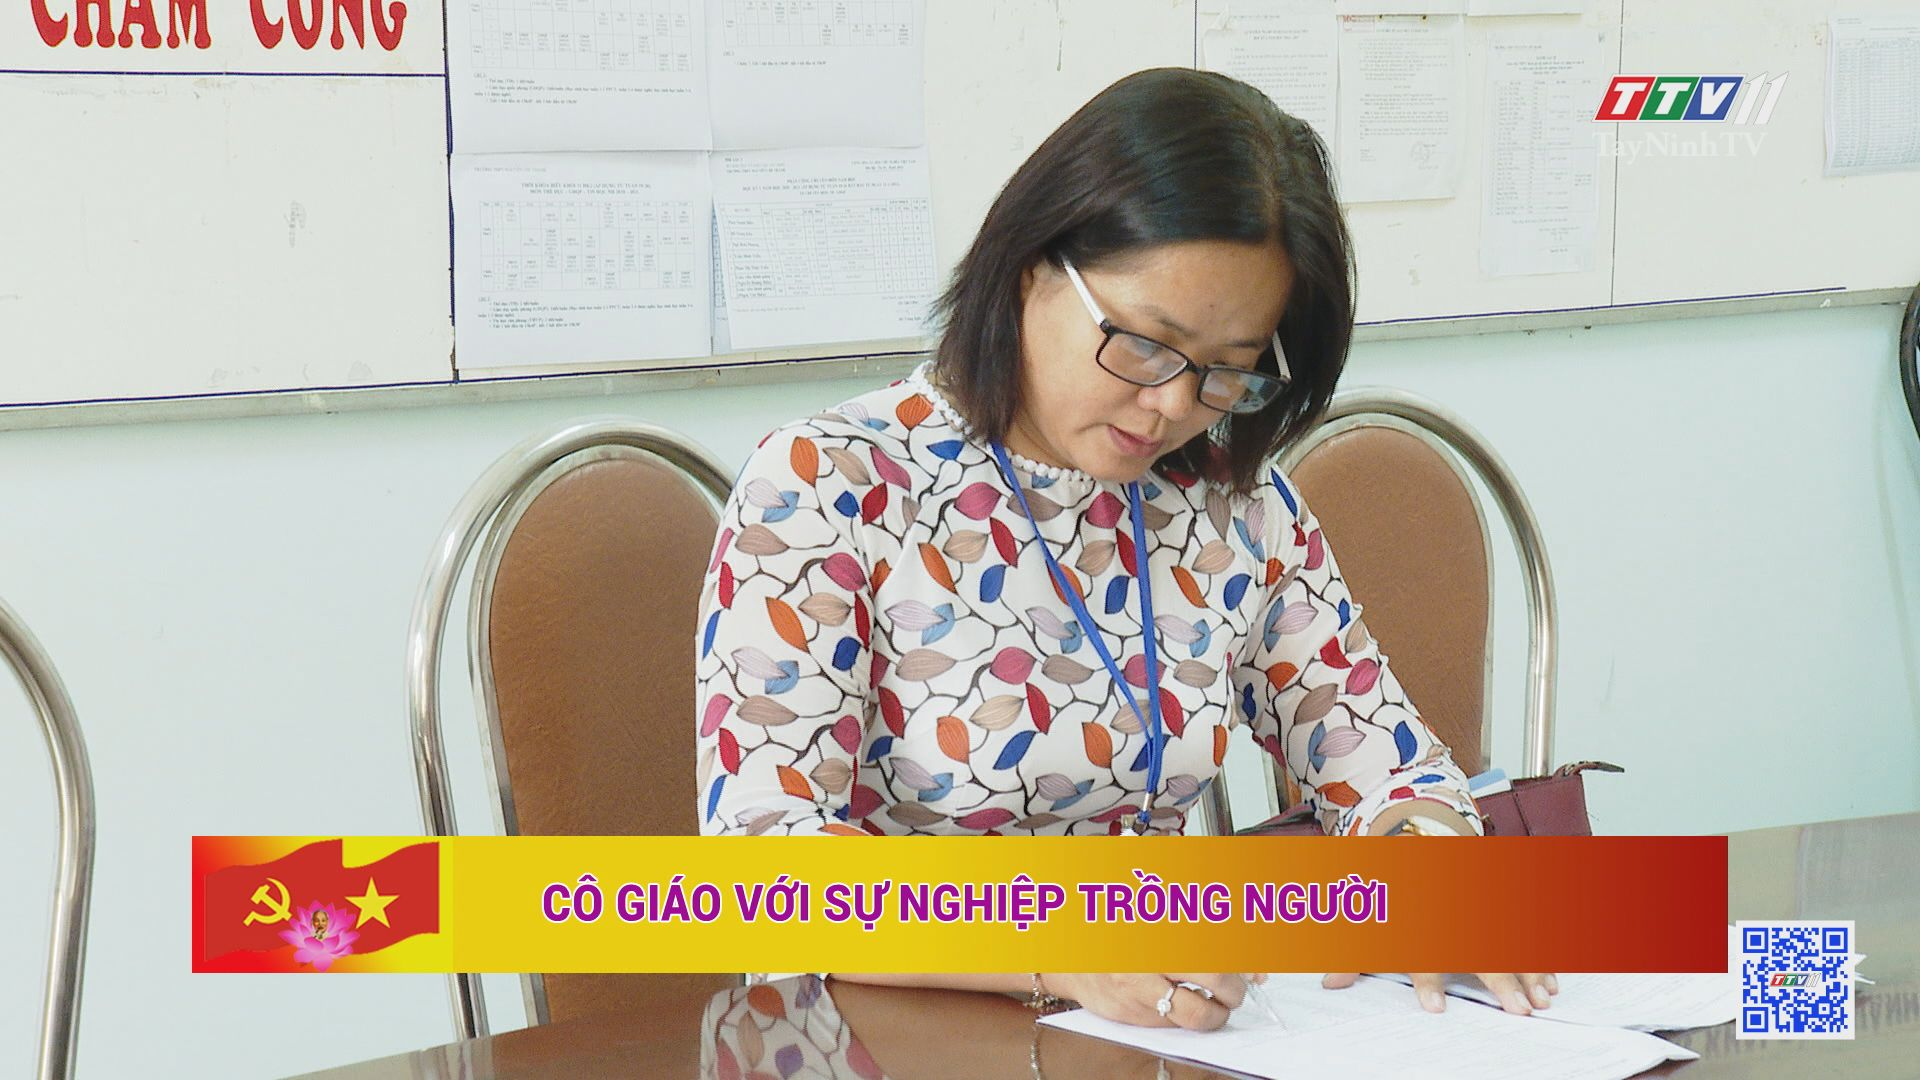 Cô giáo với sự nghiệp trồng người | HỌC TẬP VÀ LÀM THEO TƯ TƯỞNG, ĐẠO ĐỨC, PHONG CÁCH HỒ CHÍ MINH | TayNinhTV